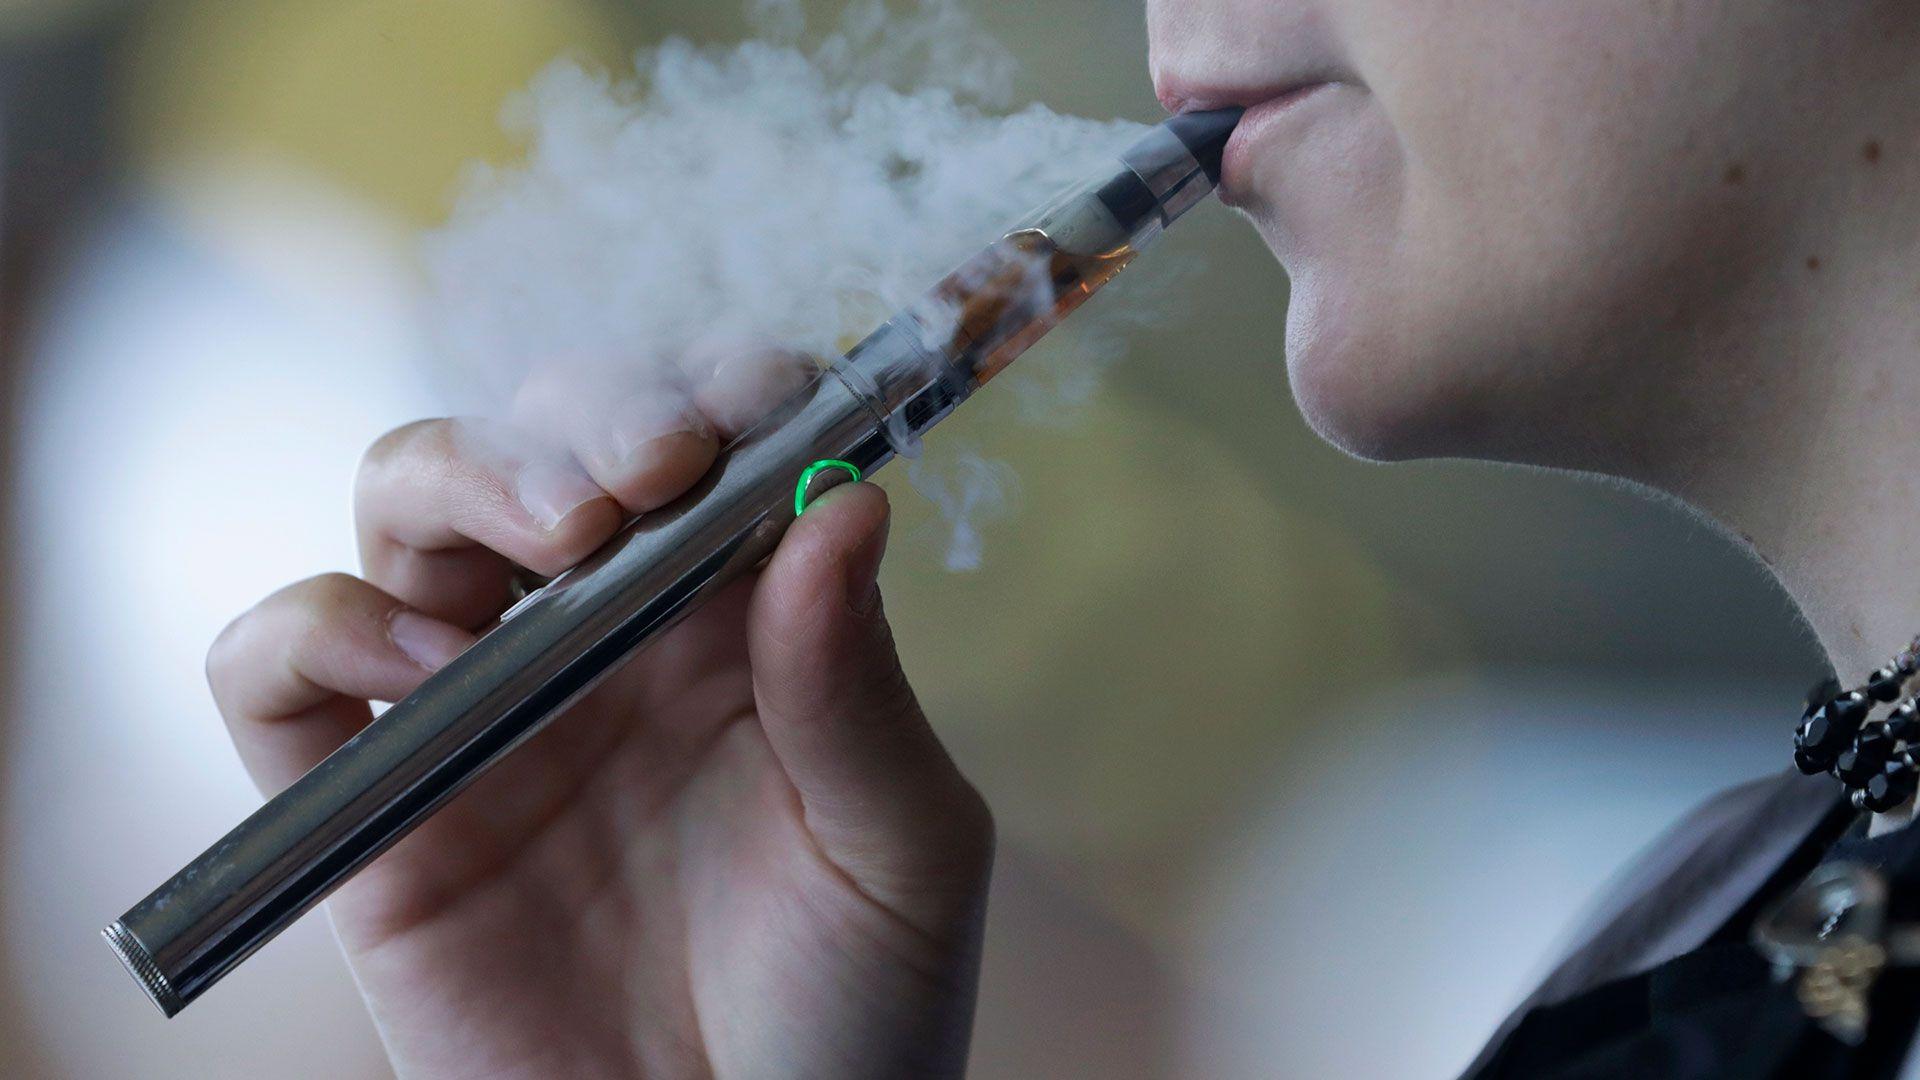 En la mayoría de las muestras se encontró tetrahidrocannabinol o THC, principal constituyente psicoactivo del cannabis (AP)